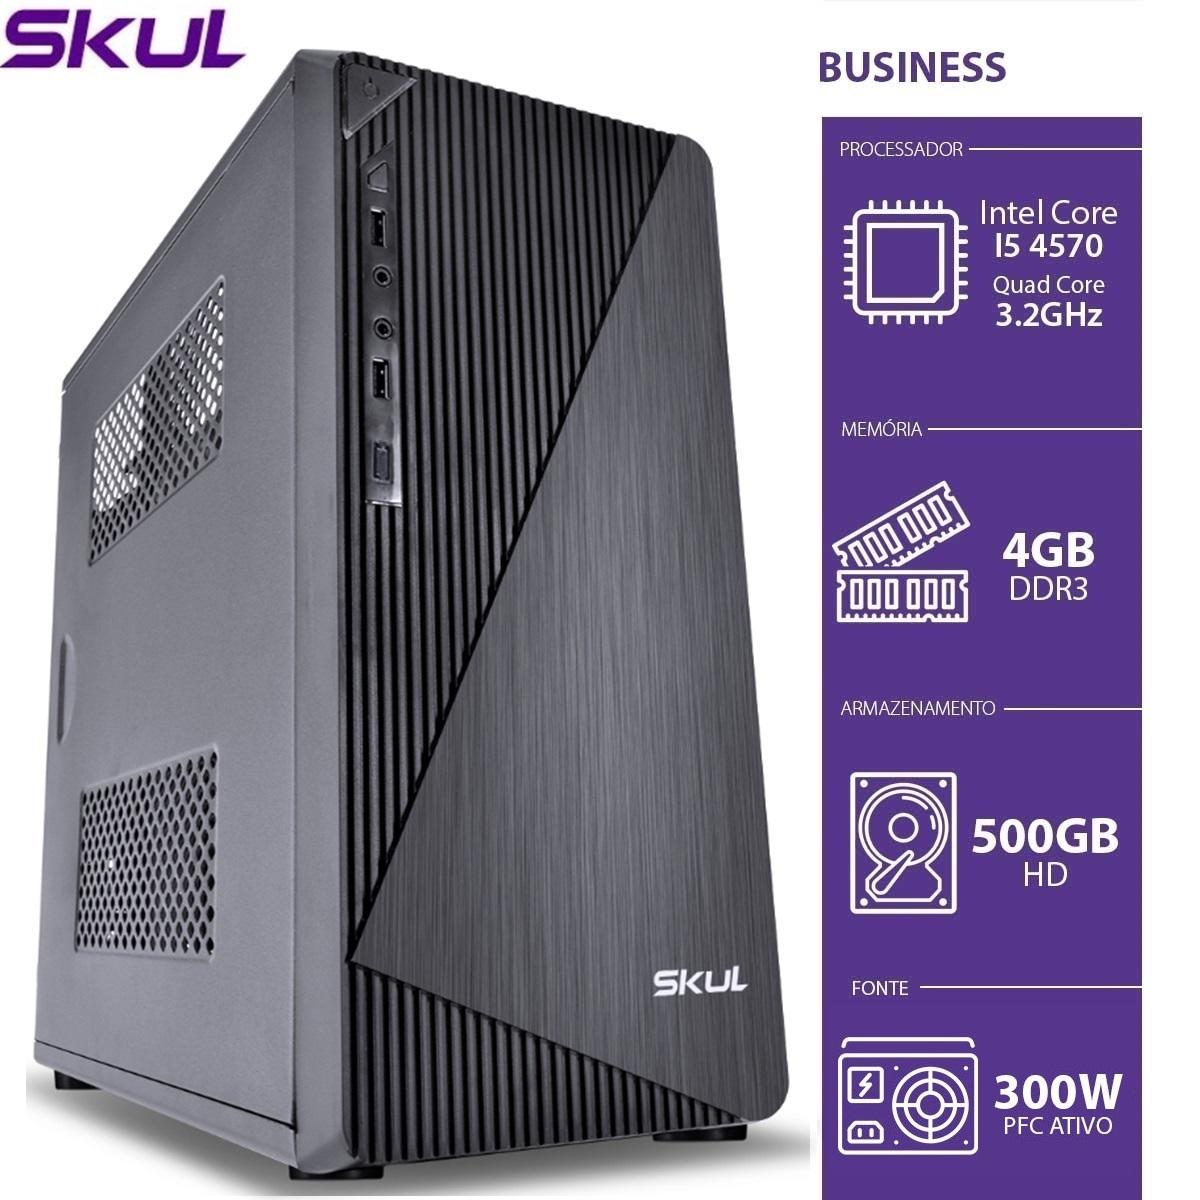 COMPUTADOR BUSINESS B500 - I5 4570 3.2GHZ 4GB DDR3 HD 500GB HDMI/VGA FONTE 300W  - Audio Video & cia